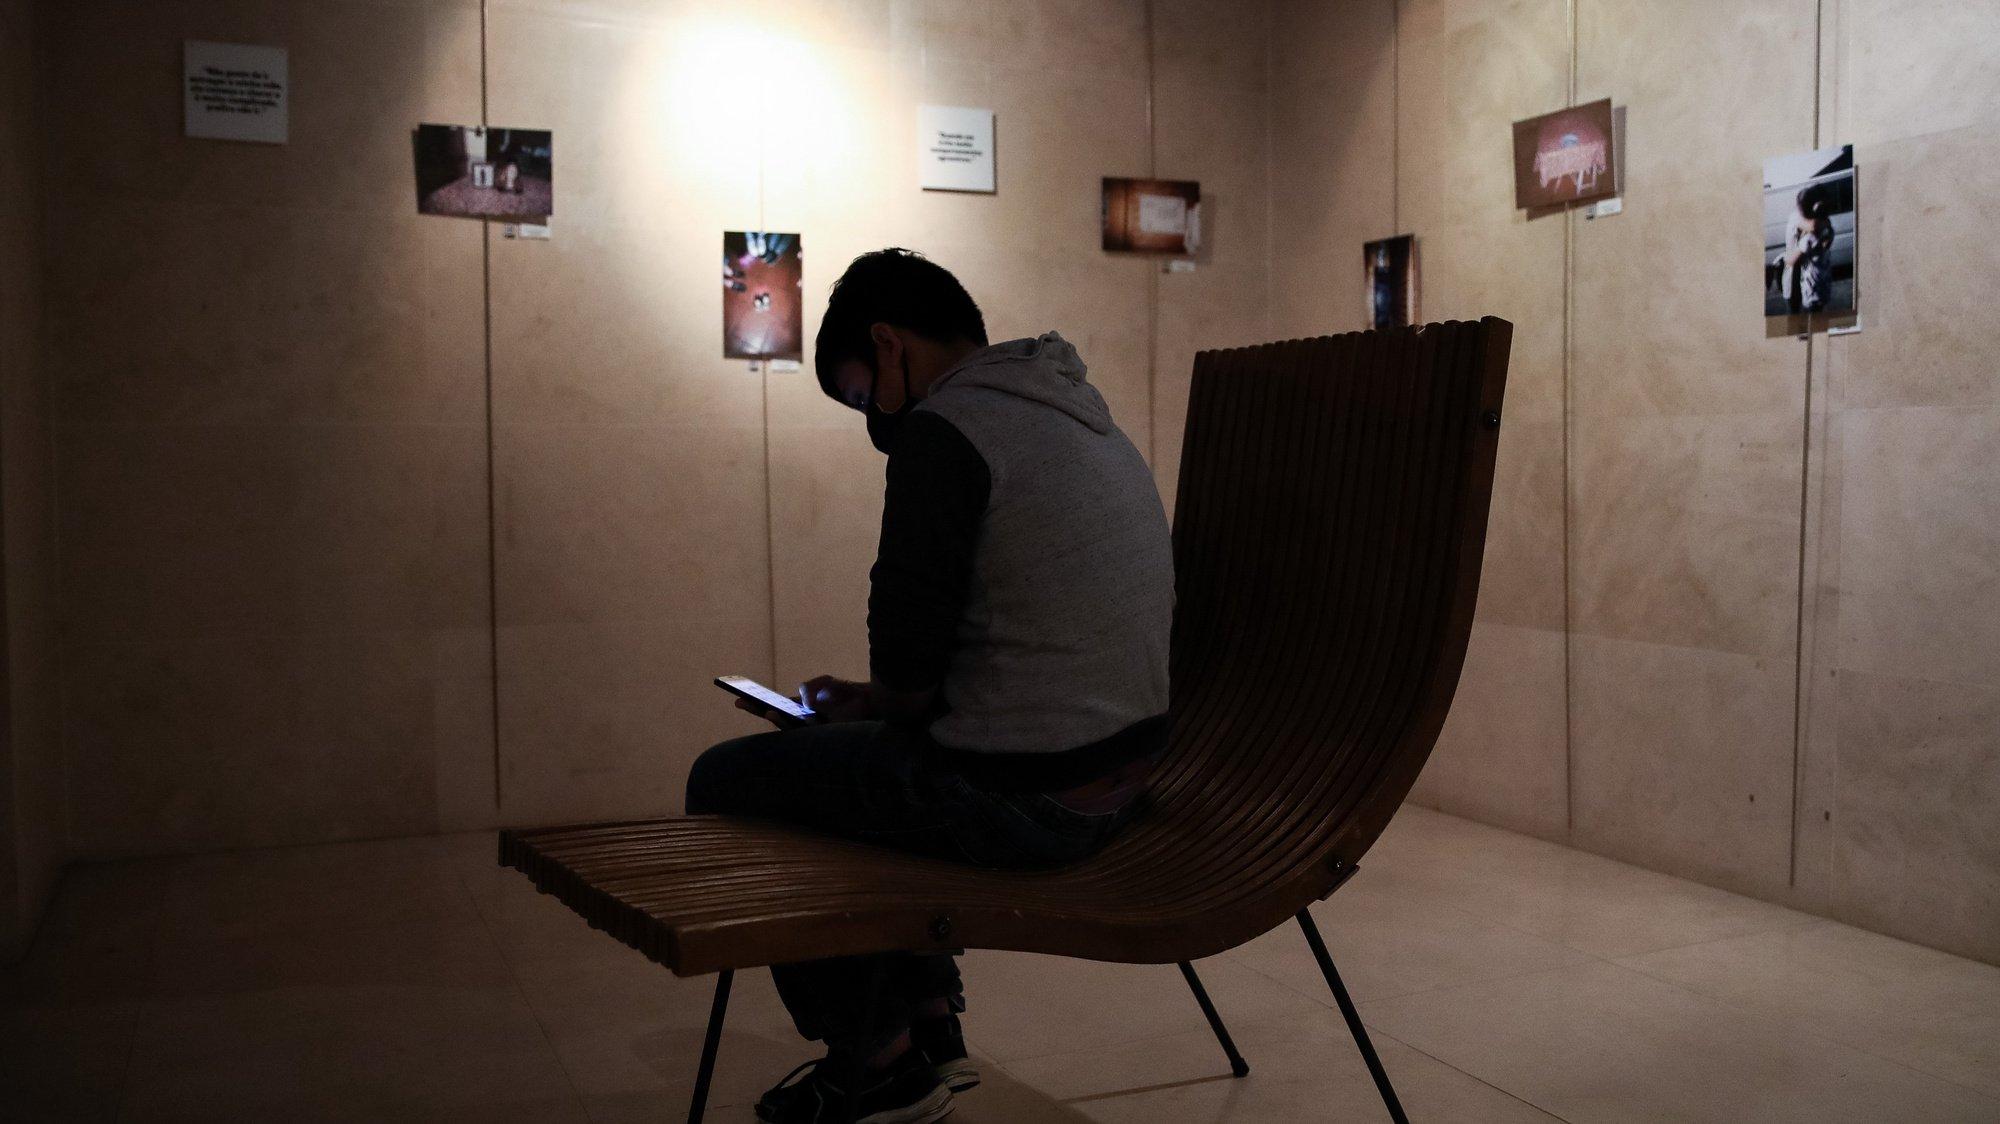 """Um dos autores durante a montagem da exposição """"Reclus@ 008"""" que faz parte de um projeto de crianças e jovens de Coimbra com pais presos que ganharam voz para mostrar como o sistema não está adaptado aos seus problemas e que é um primeiro passo de um projeto que quer mudança, no Teatro da Cerca de São Bernardo (TCSB), em Coimbra, 7 de dezembro de 2020. (ACOMPANHA TEXTO DE 9 DE DEZEMBRO DE 2020). PAULO NOVAIS/LUSA"""